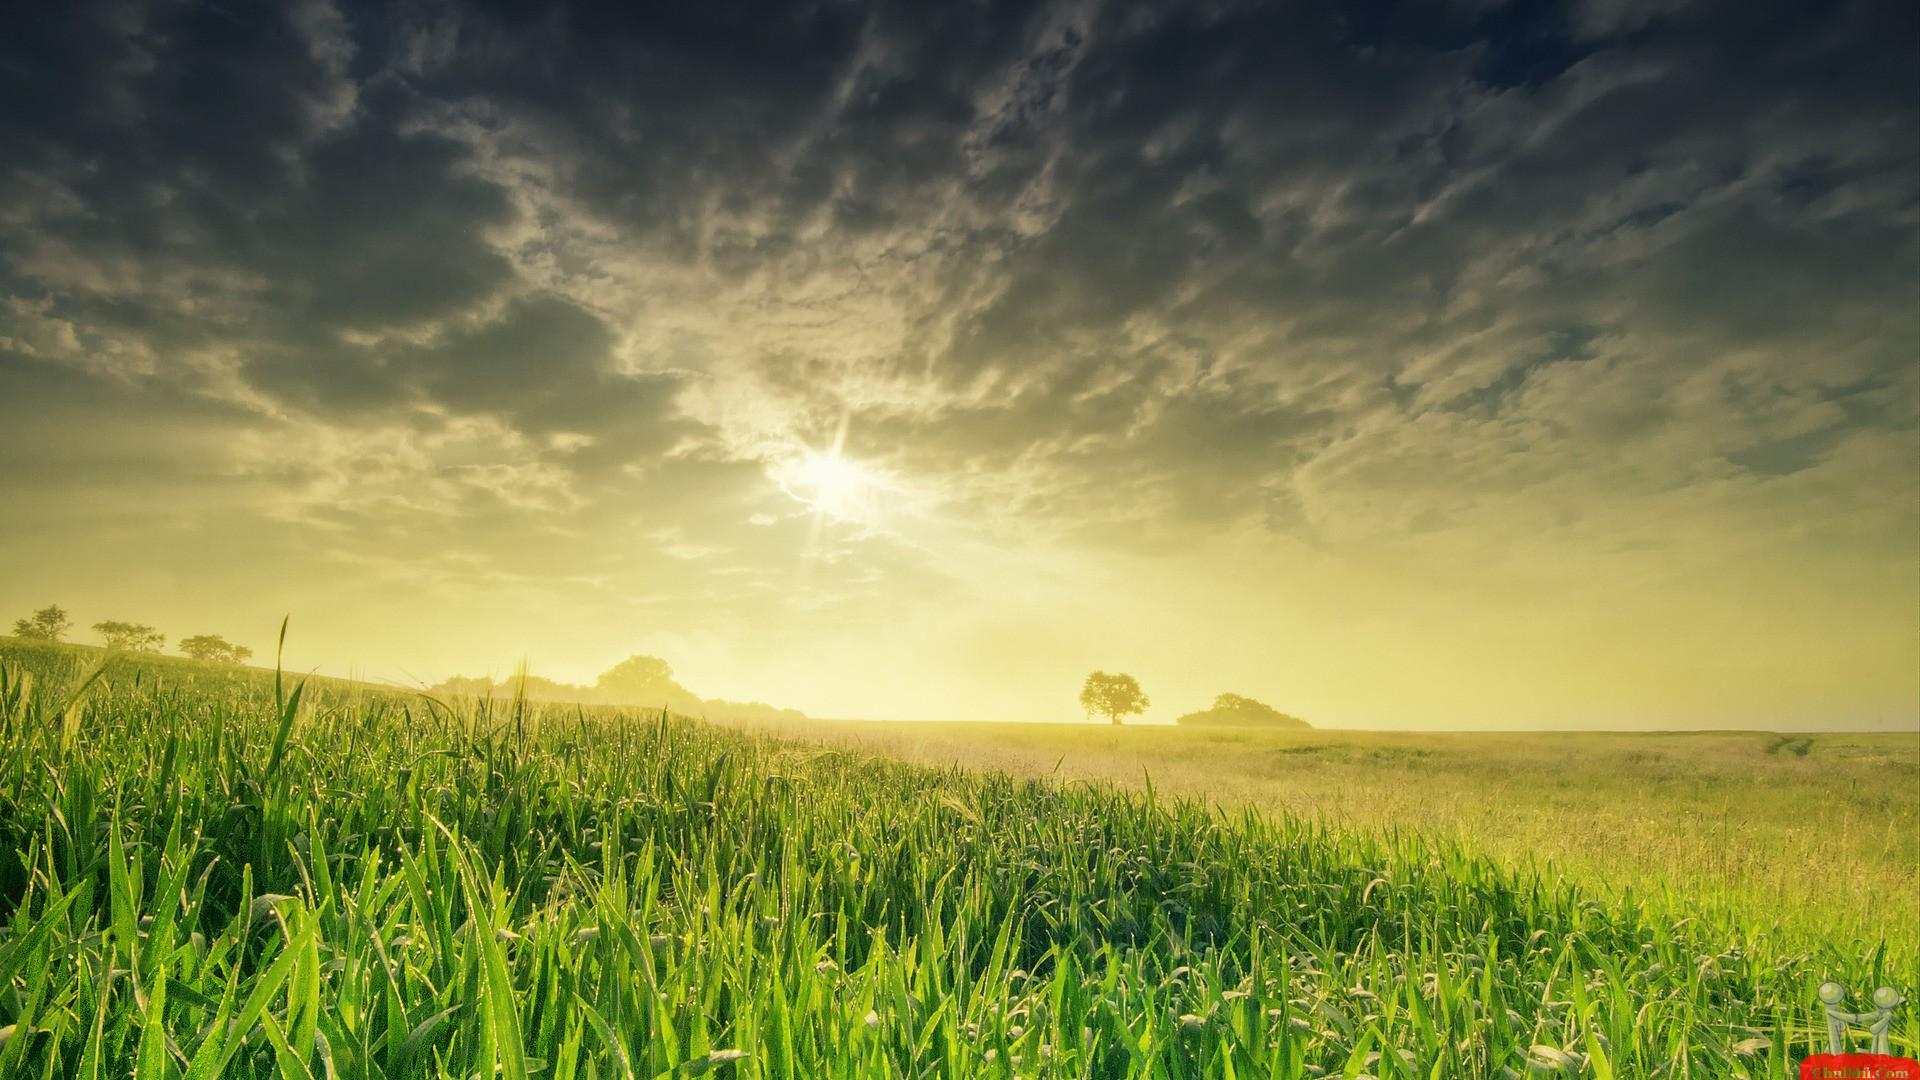 Beautiful Natural Scenery Hd Download